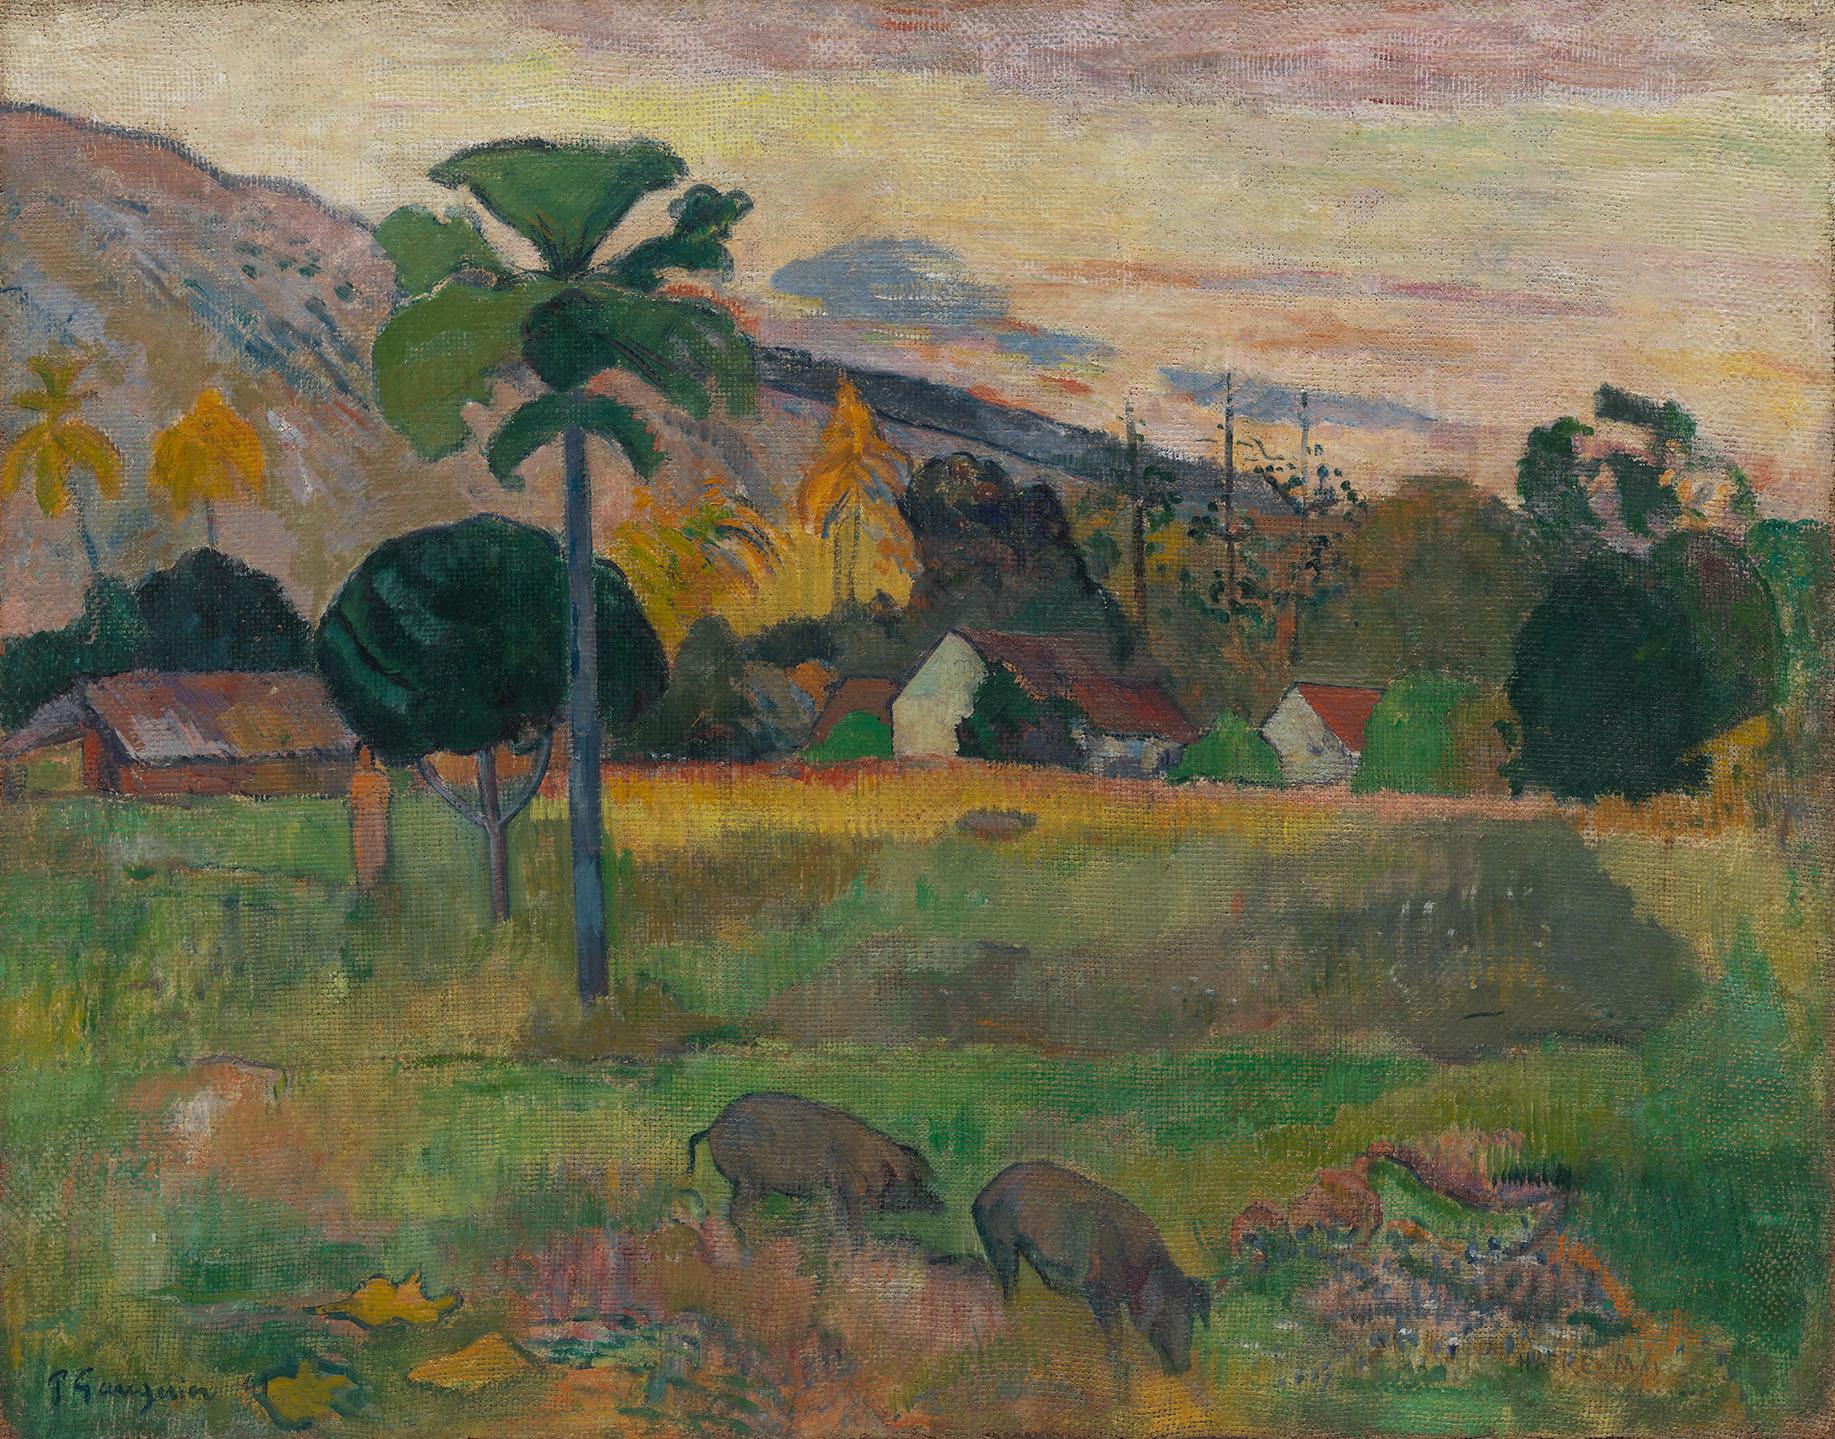 Guggenheim, la collezione Thannhauser da Van Gogh a Picasso a Palazzo Reale